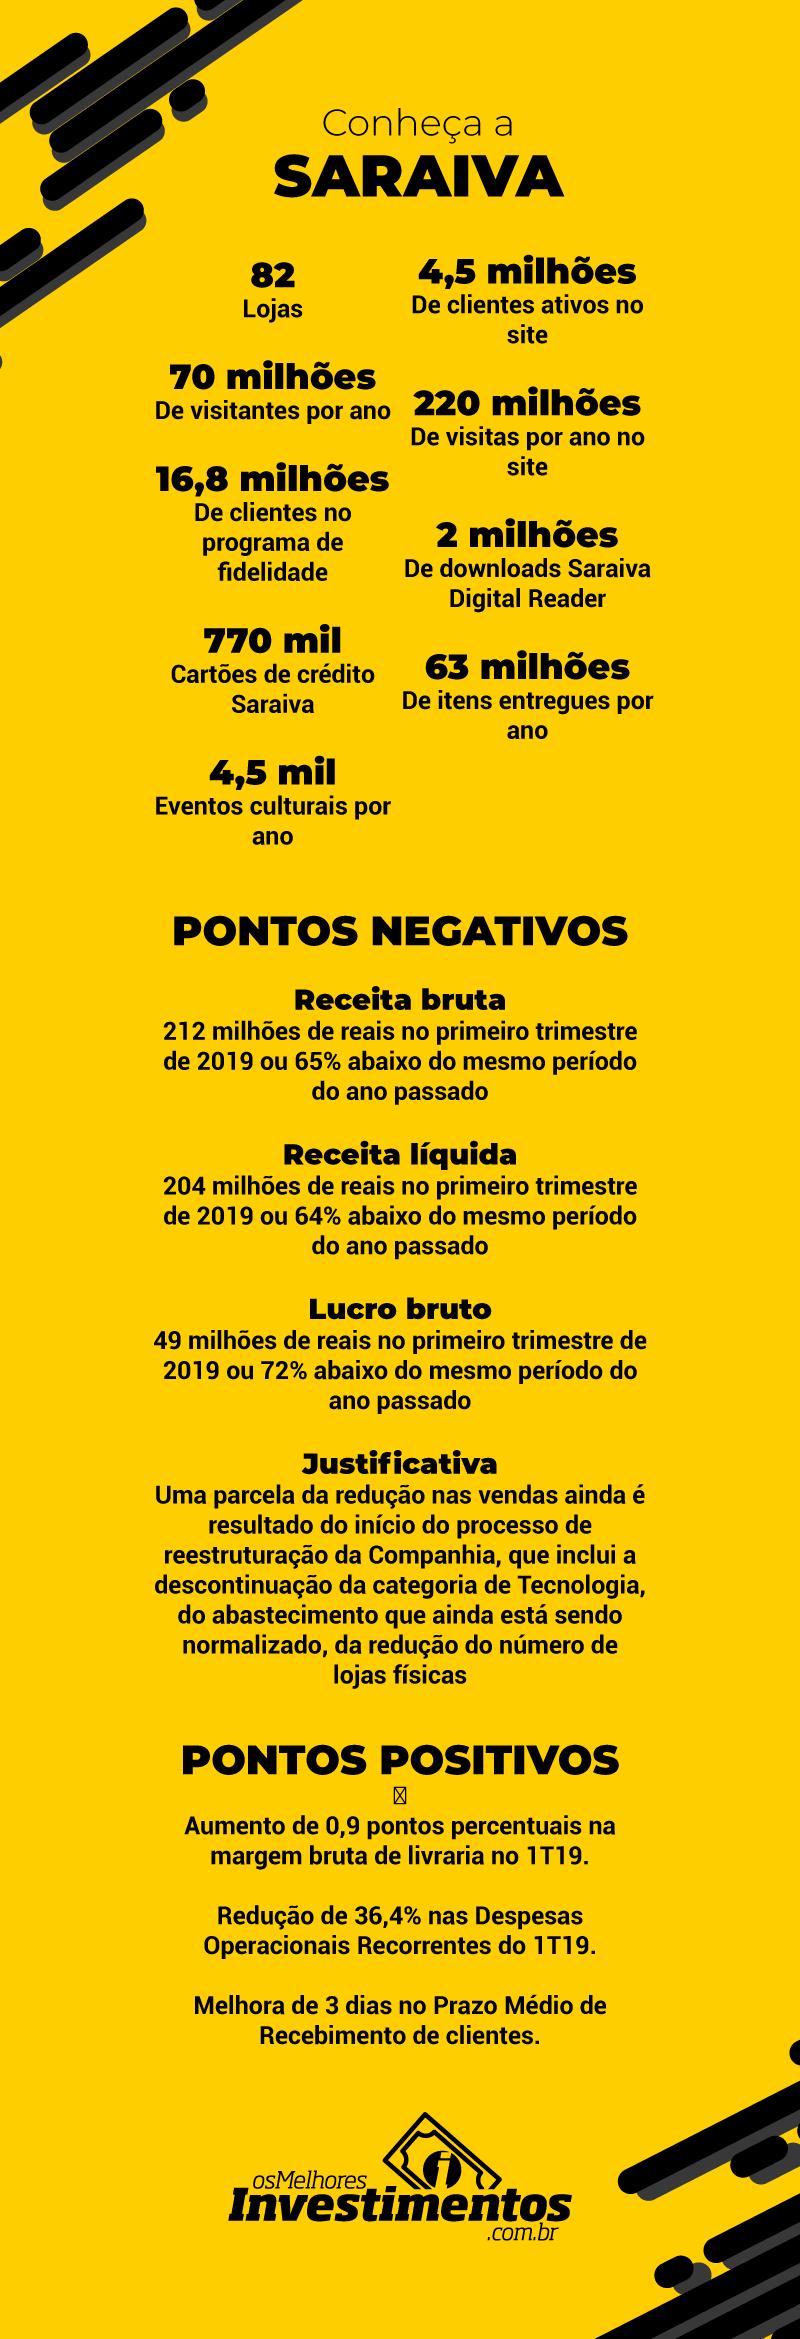 Infográfico Ações da Saraiva - Os Melhores Investimentos